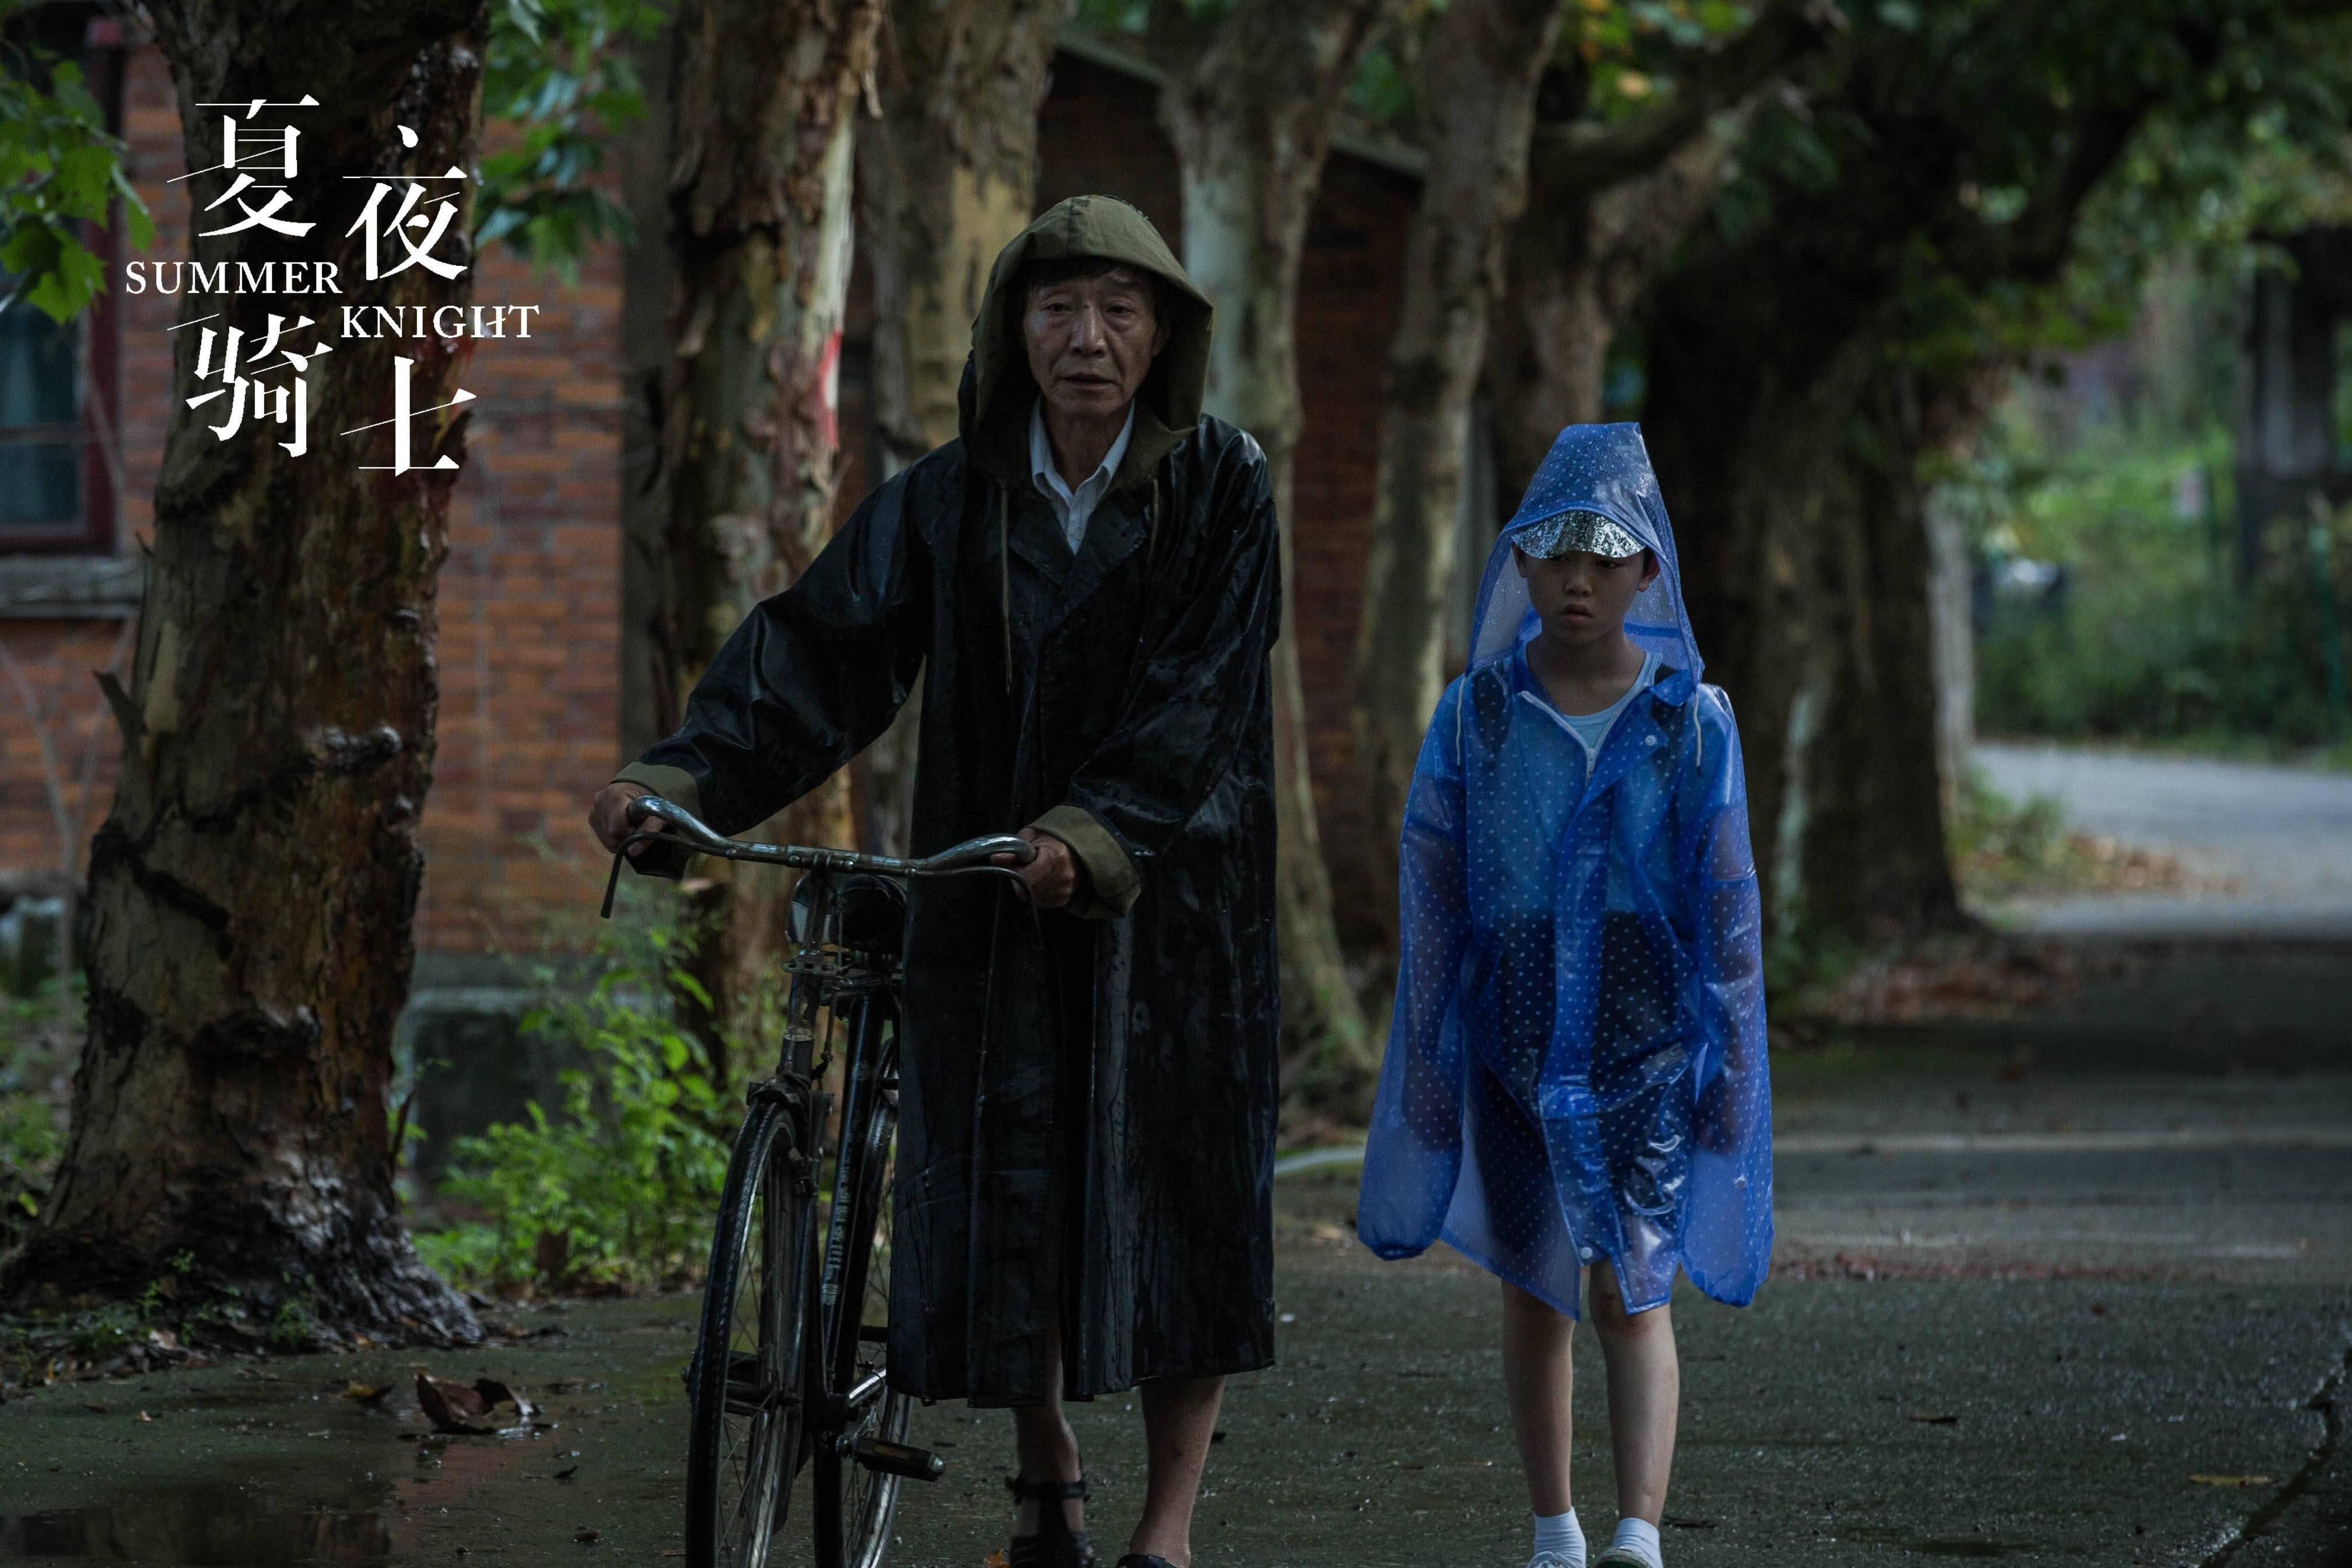 《夏夜騎士》發「氛圍版」劇照 變幻光影奏響盛夏曆險時光